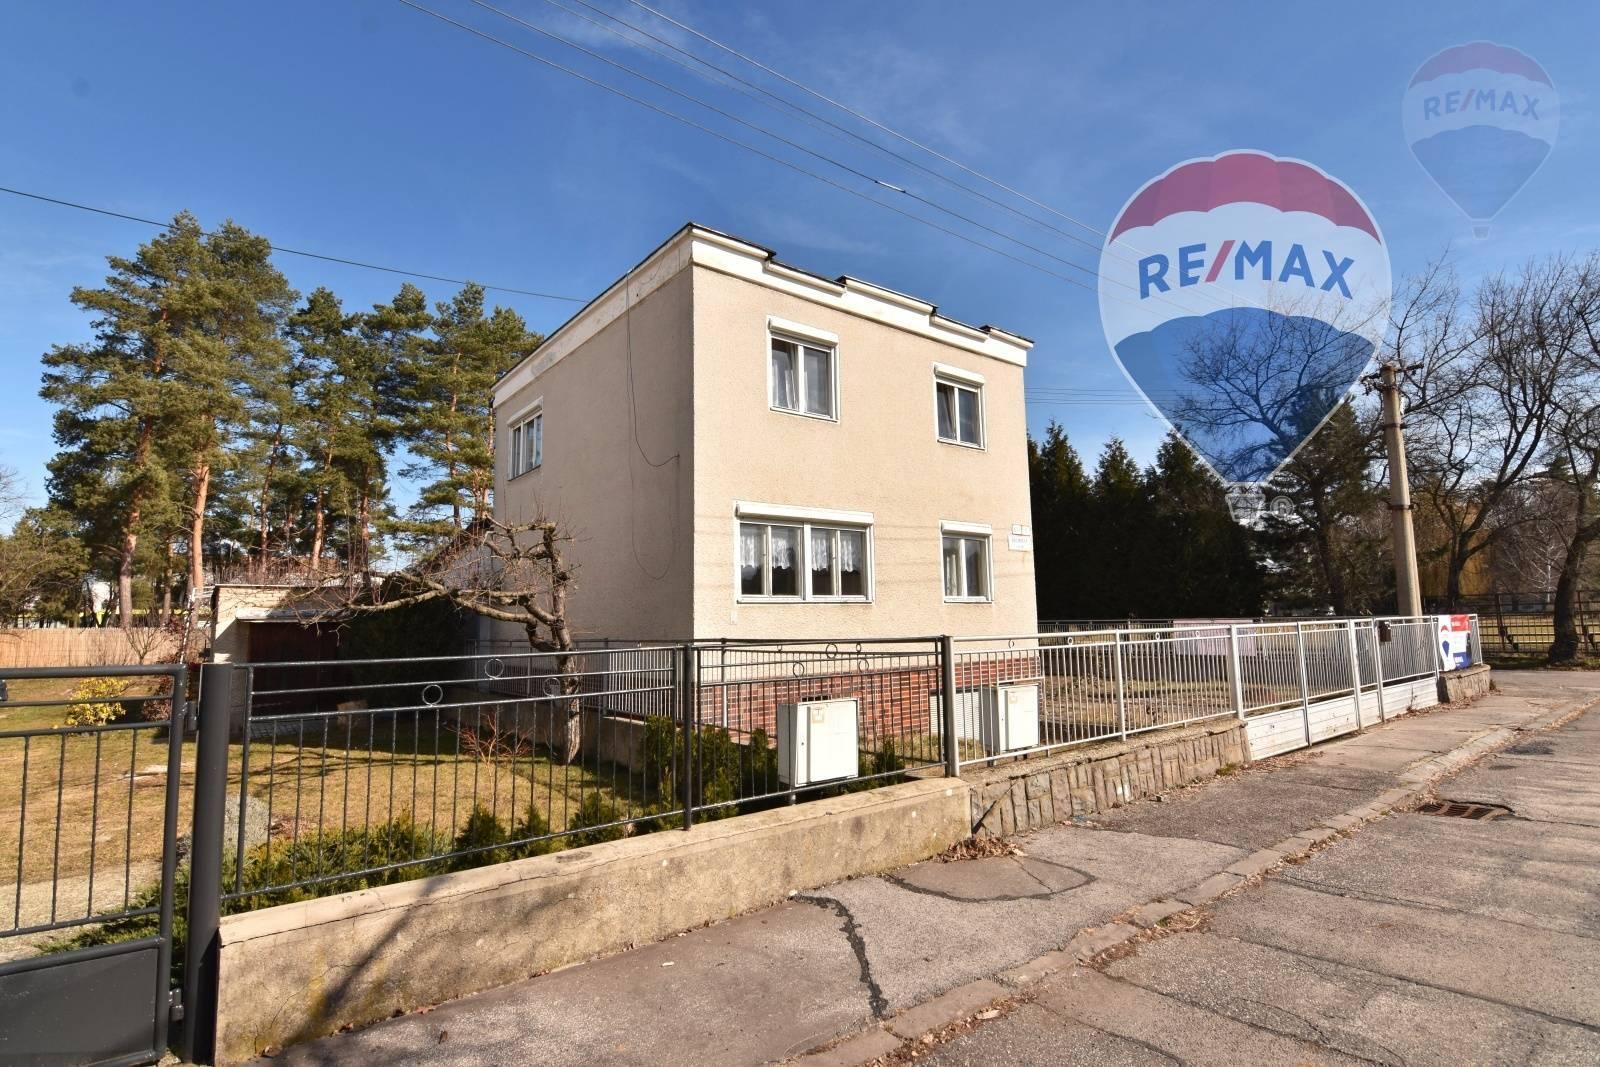 Predaj domu 250 m2, Prievidza - Rodinný dom 250m2 Prievidza